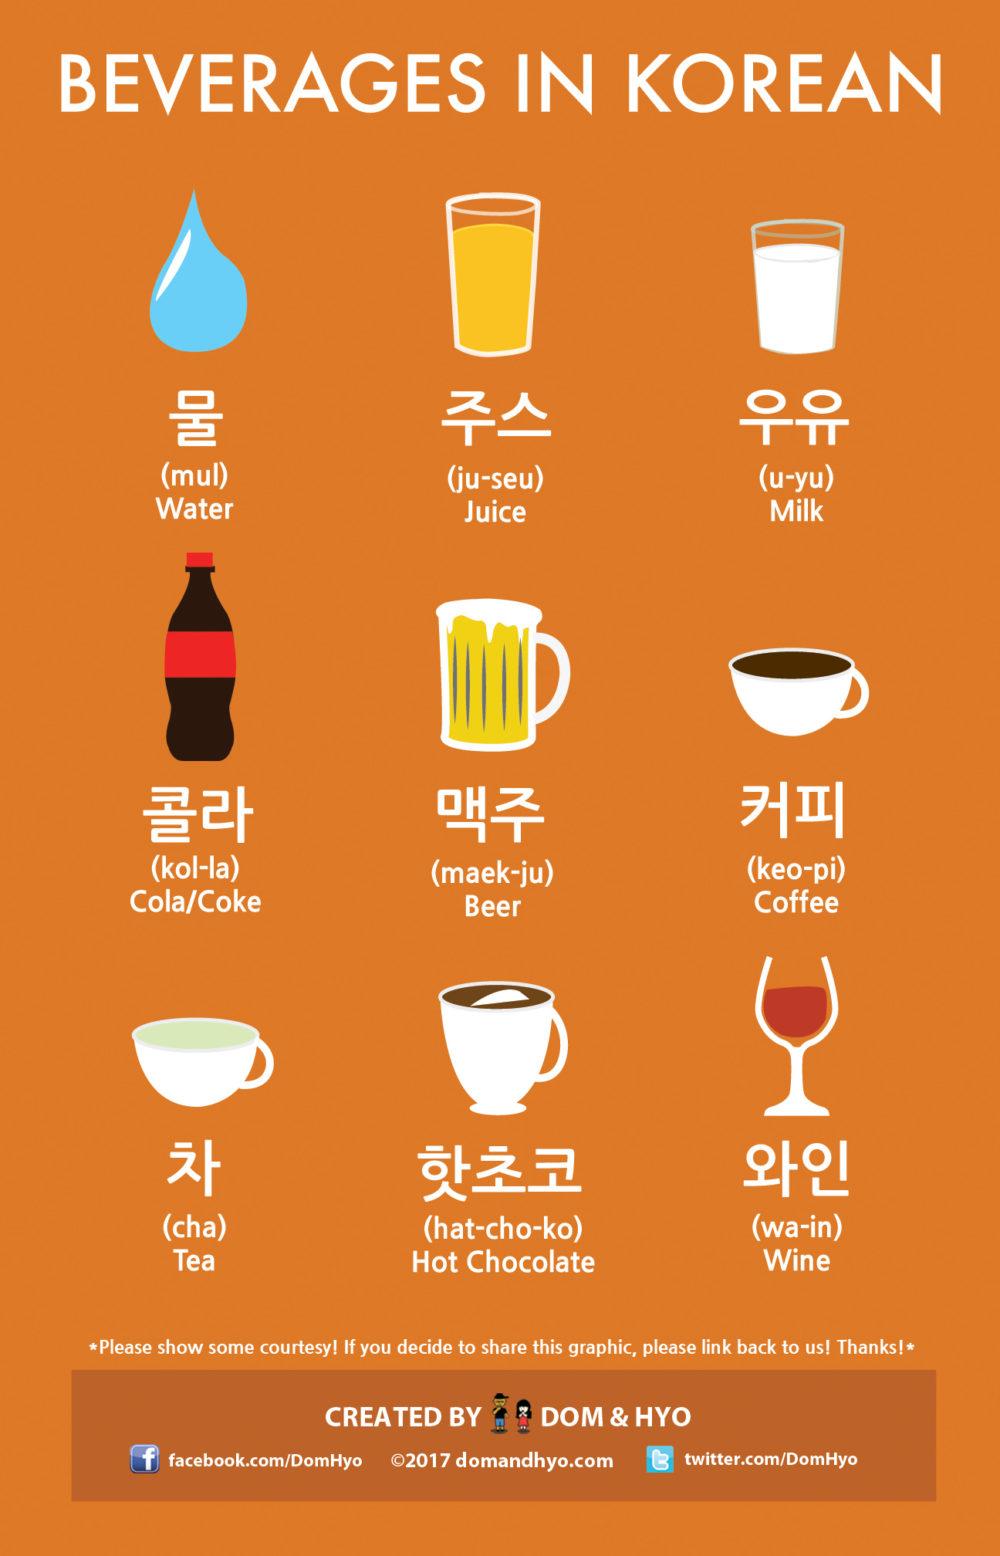 Korean Words for Beverages